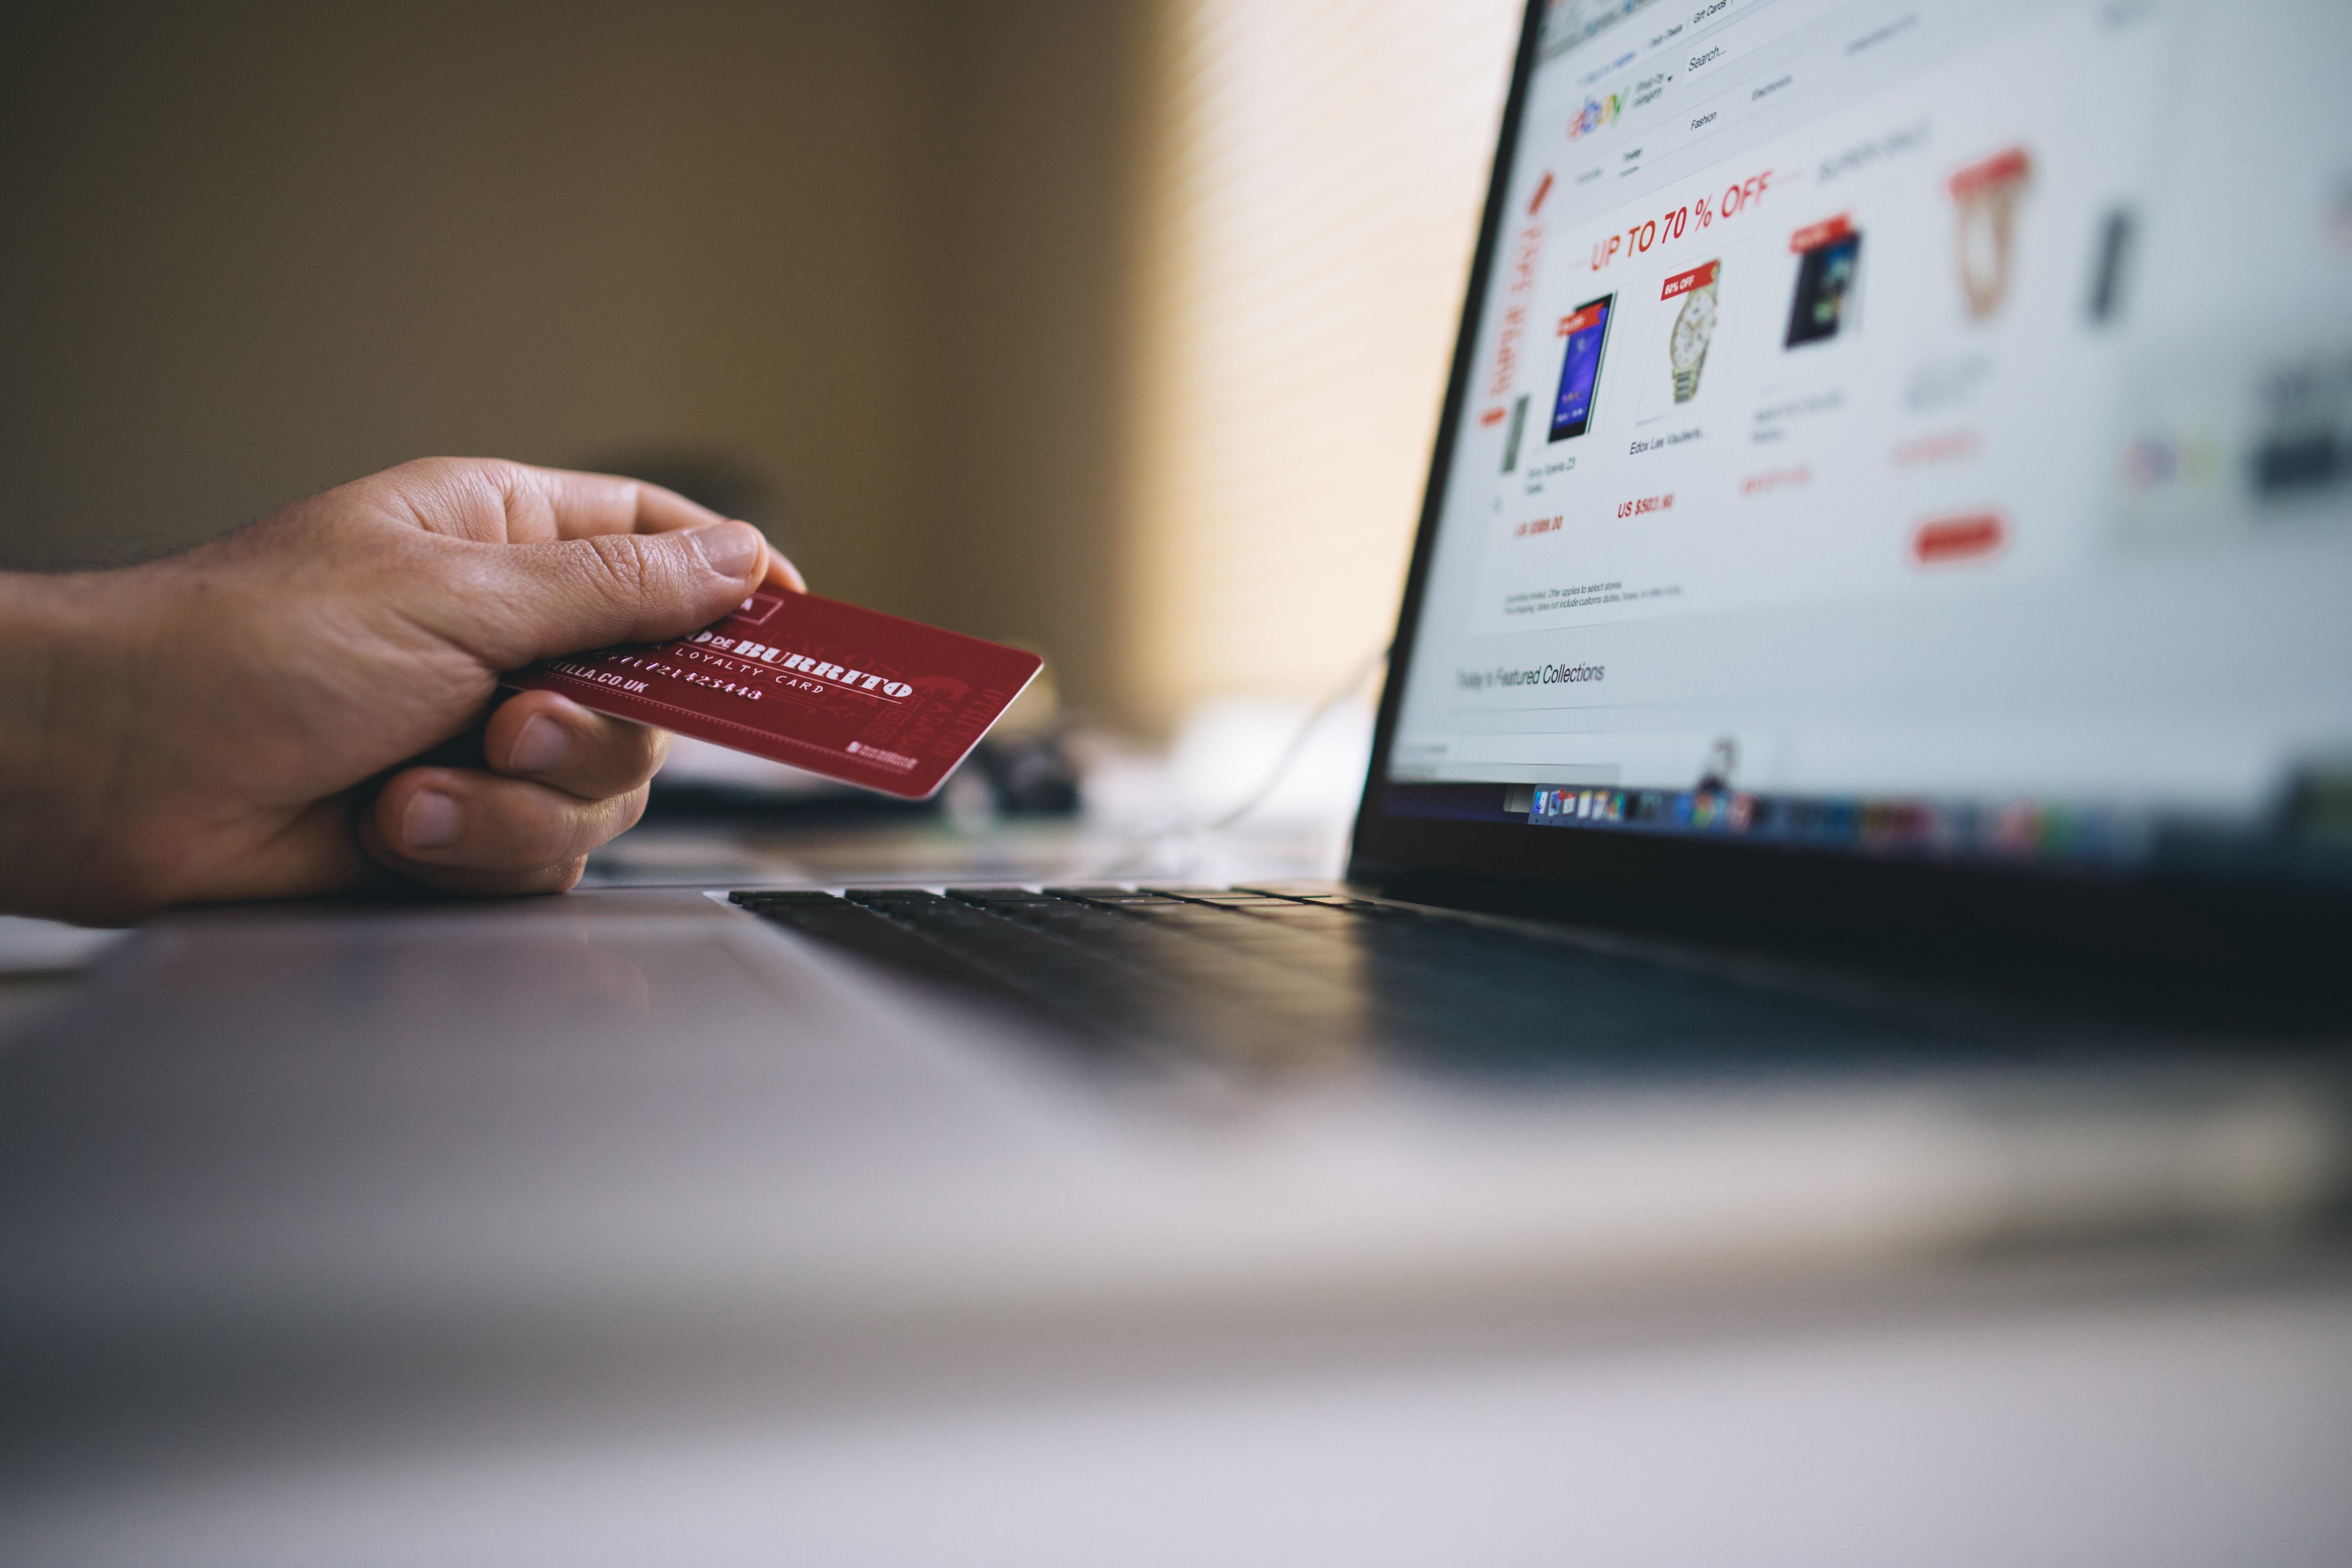 Comment économiser gros sur Amazon?